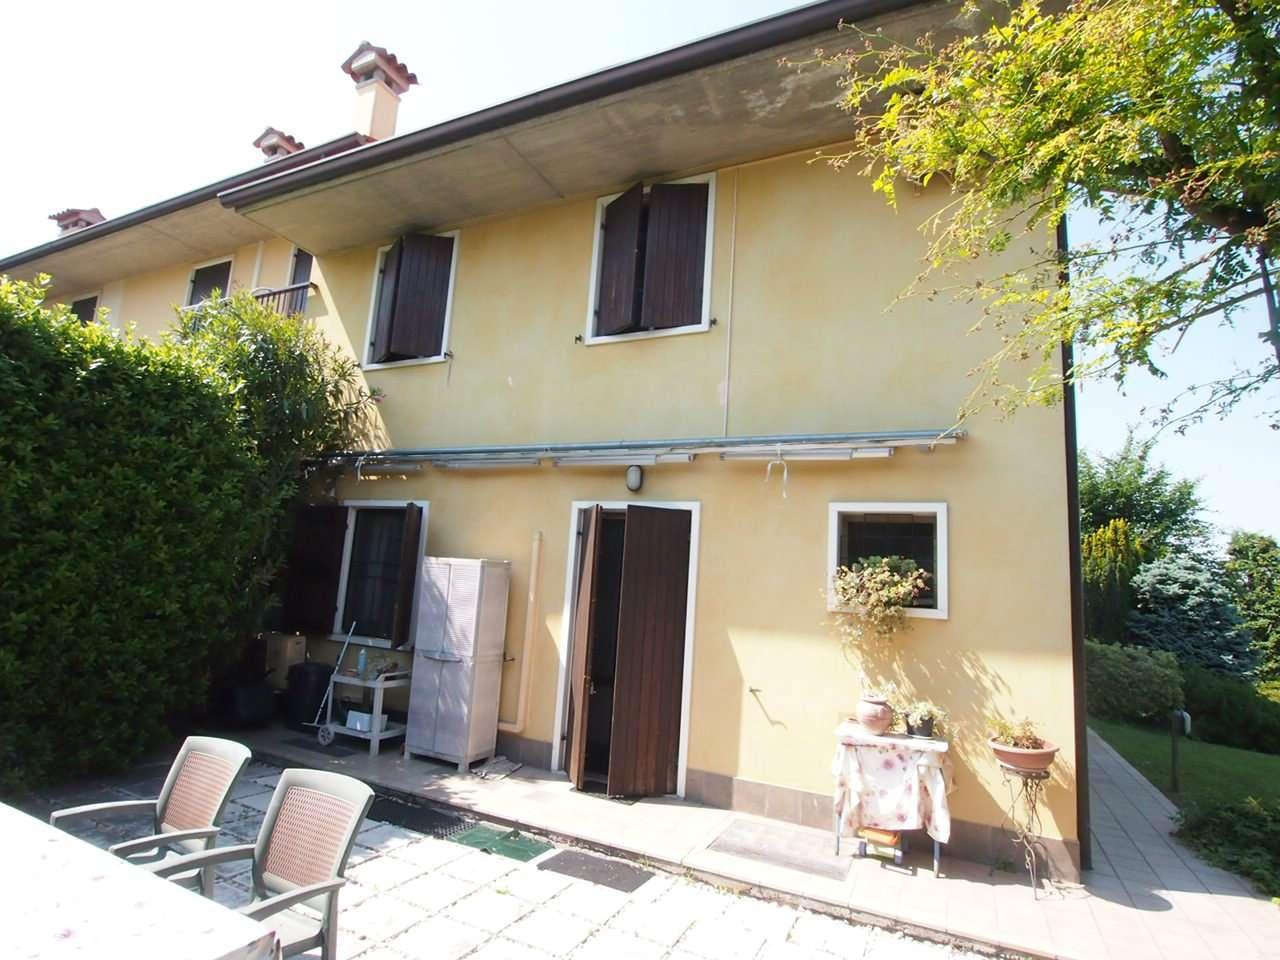 Soluzione Indipendente in vendita a Sommacampagna, 7 locali, prezzo € 385.000 | CambioCasa.it